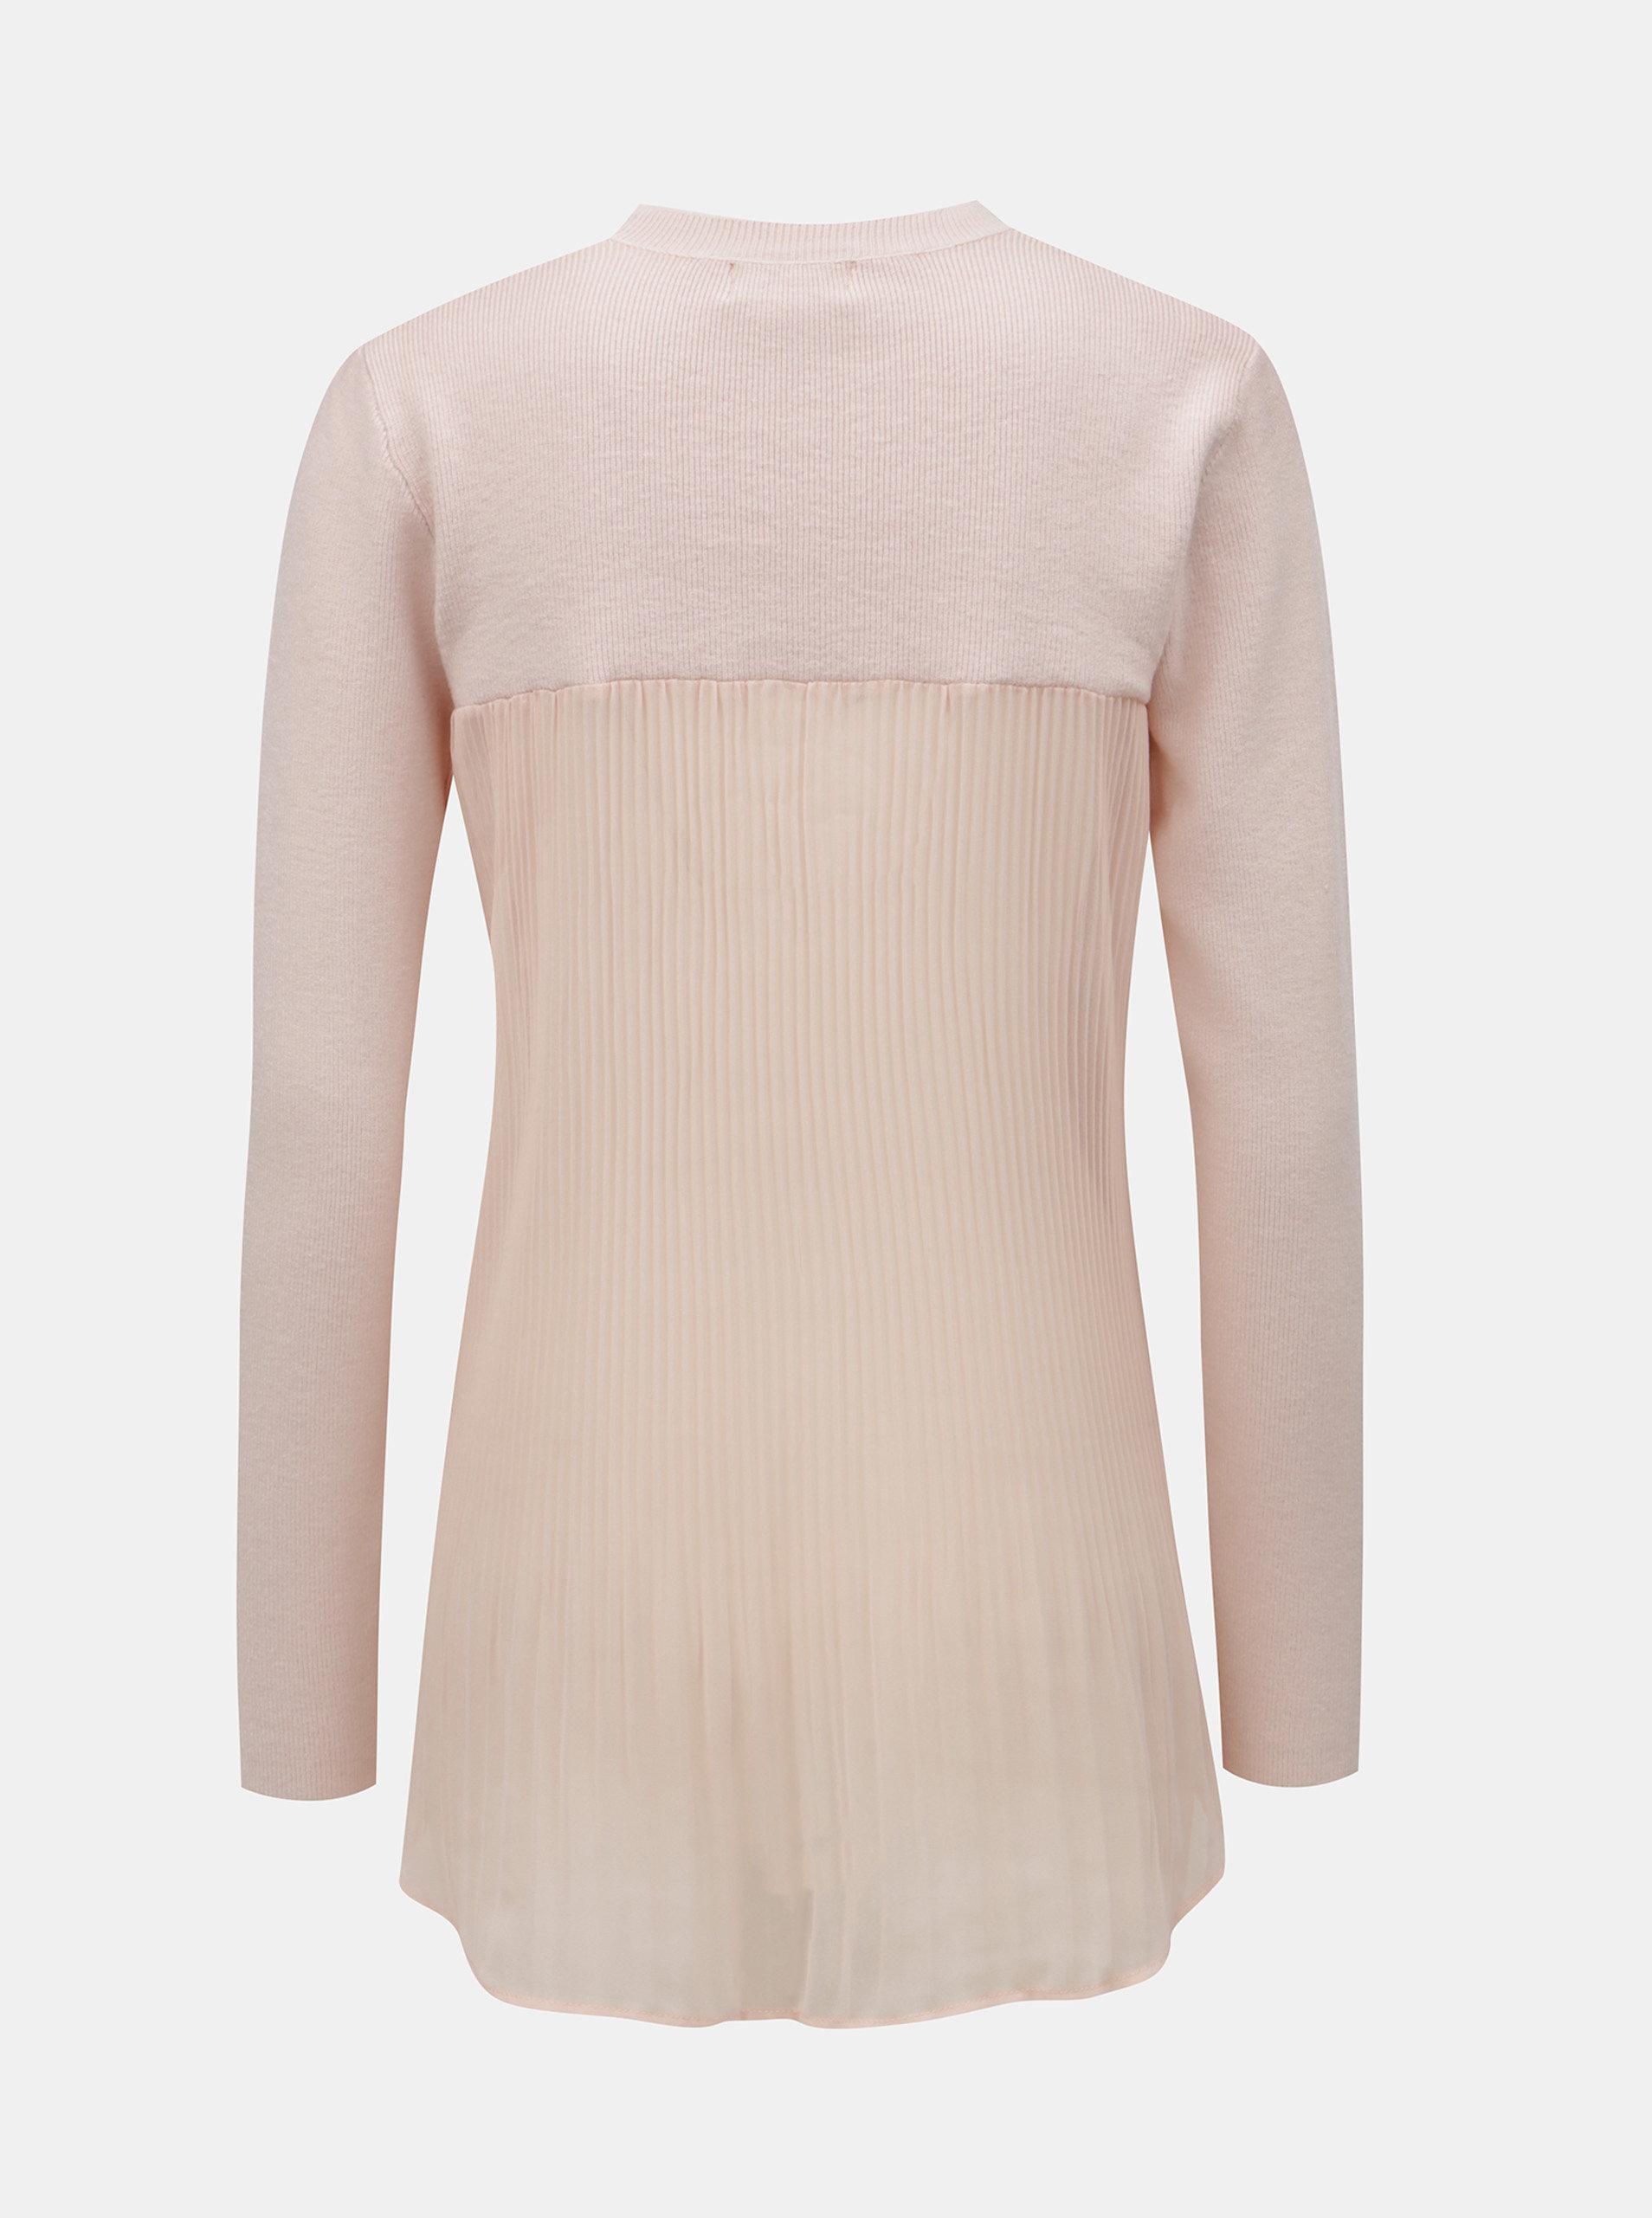 576f773d0dbe Ružový sveter s blúzkovou vsadkou Apricot ...